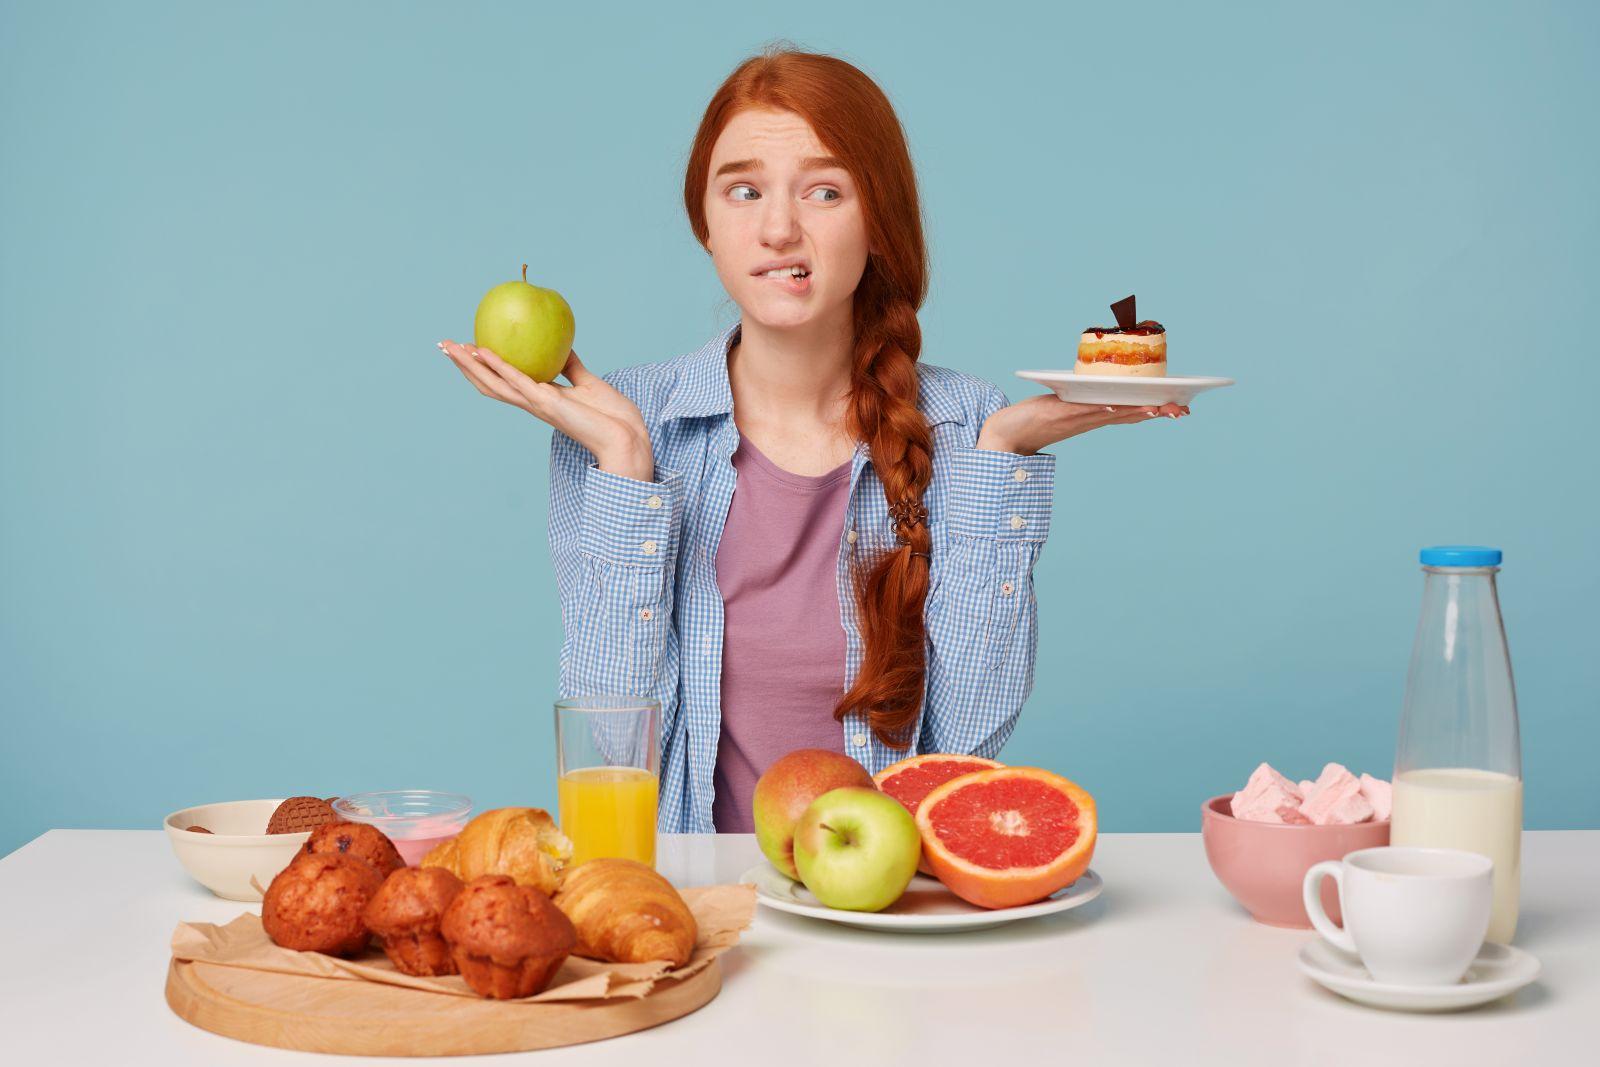 Lapar saat Diet? Konsumsi 4 Makanan yang Ampuh Membakar Lemak